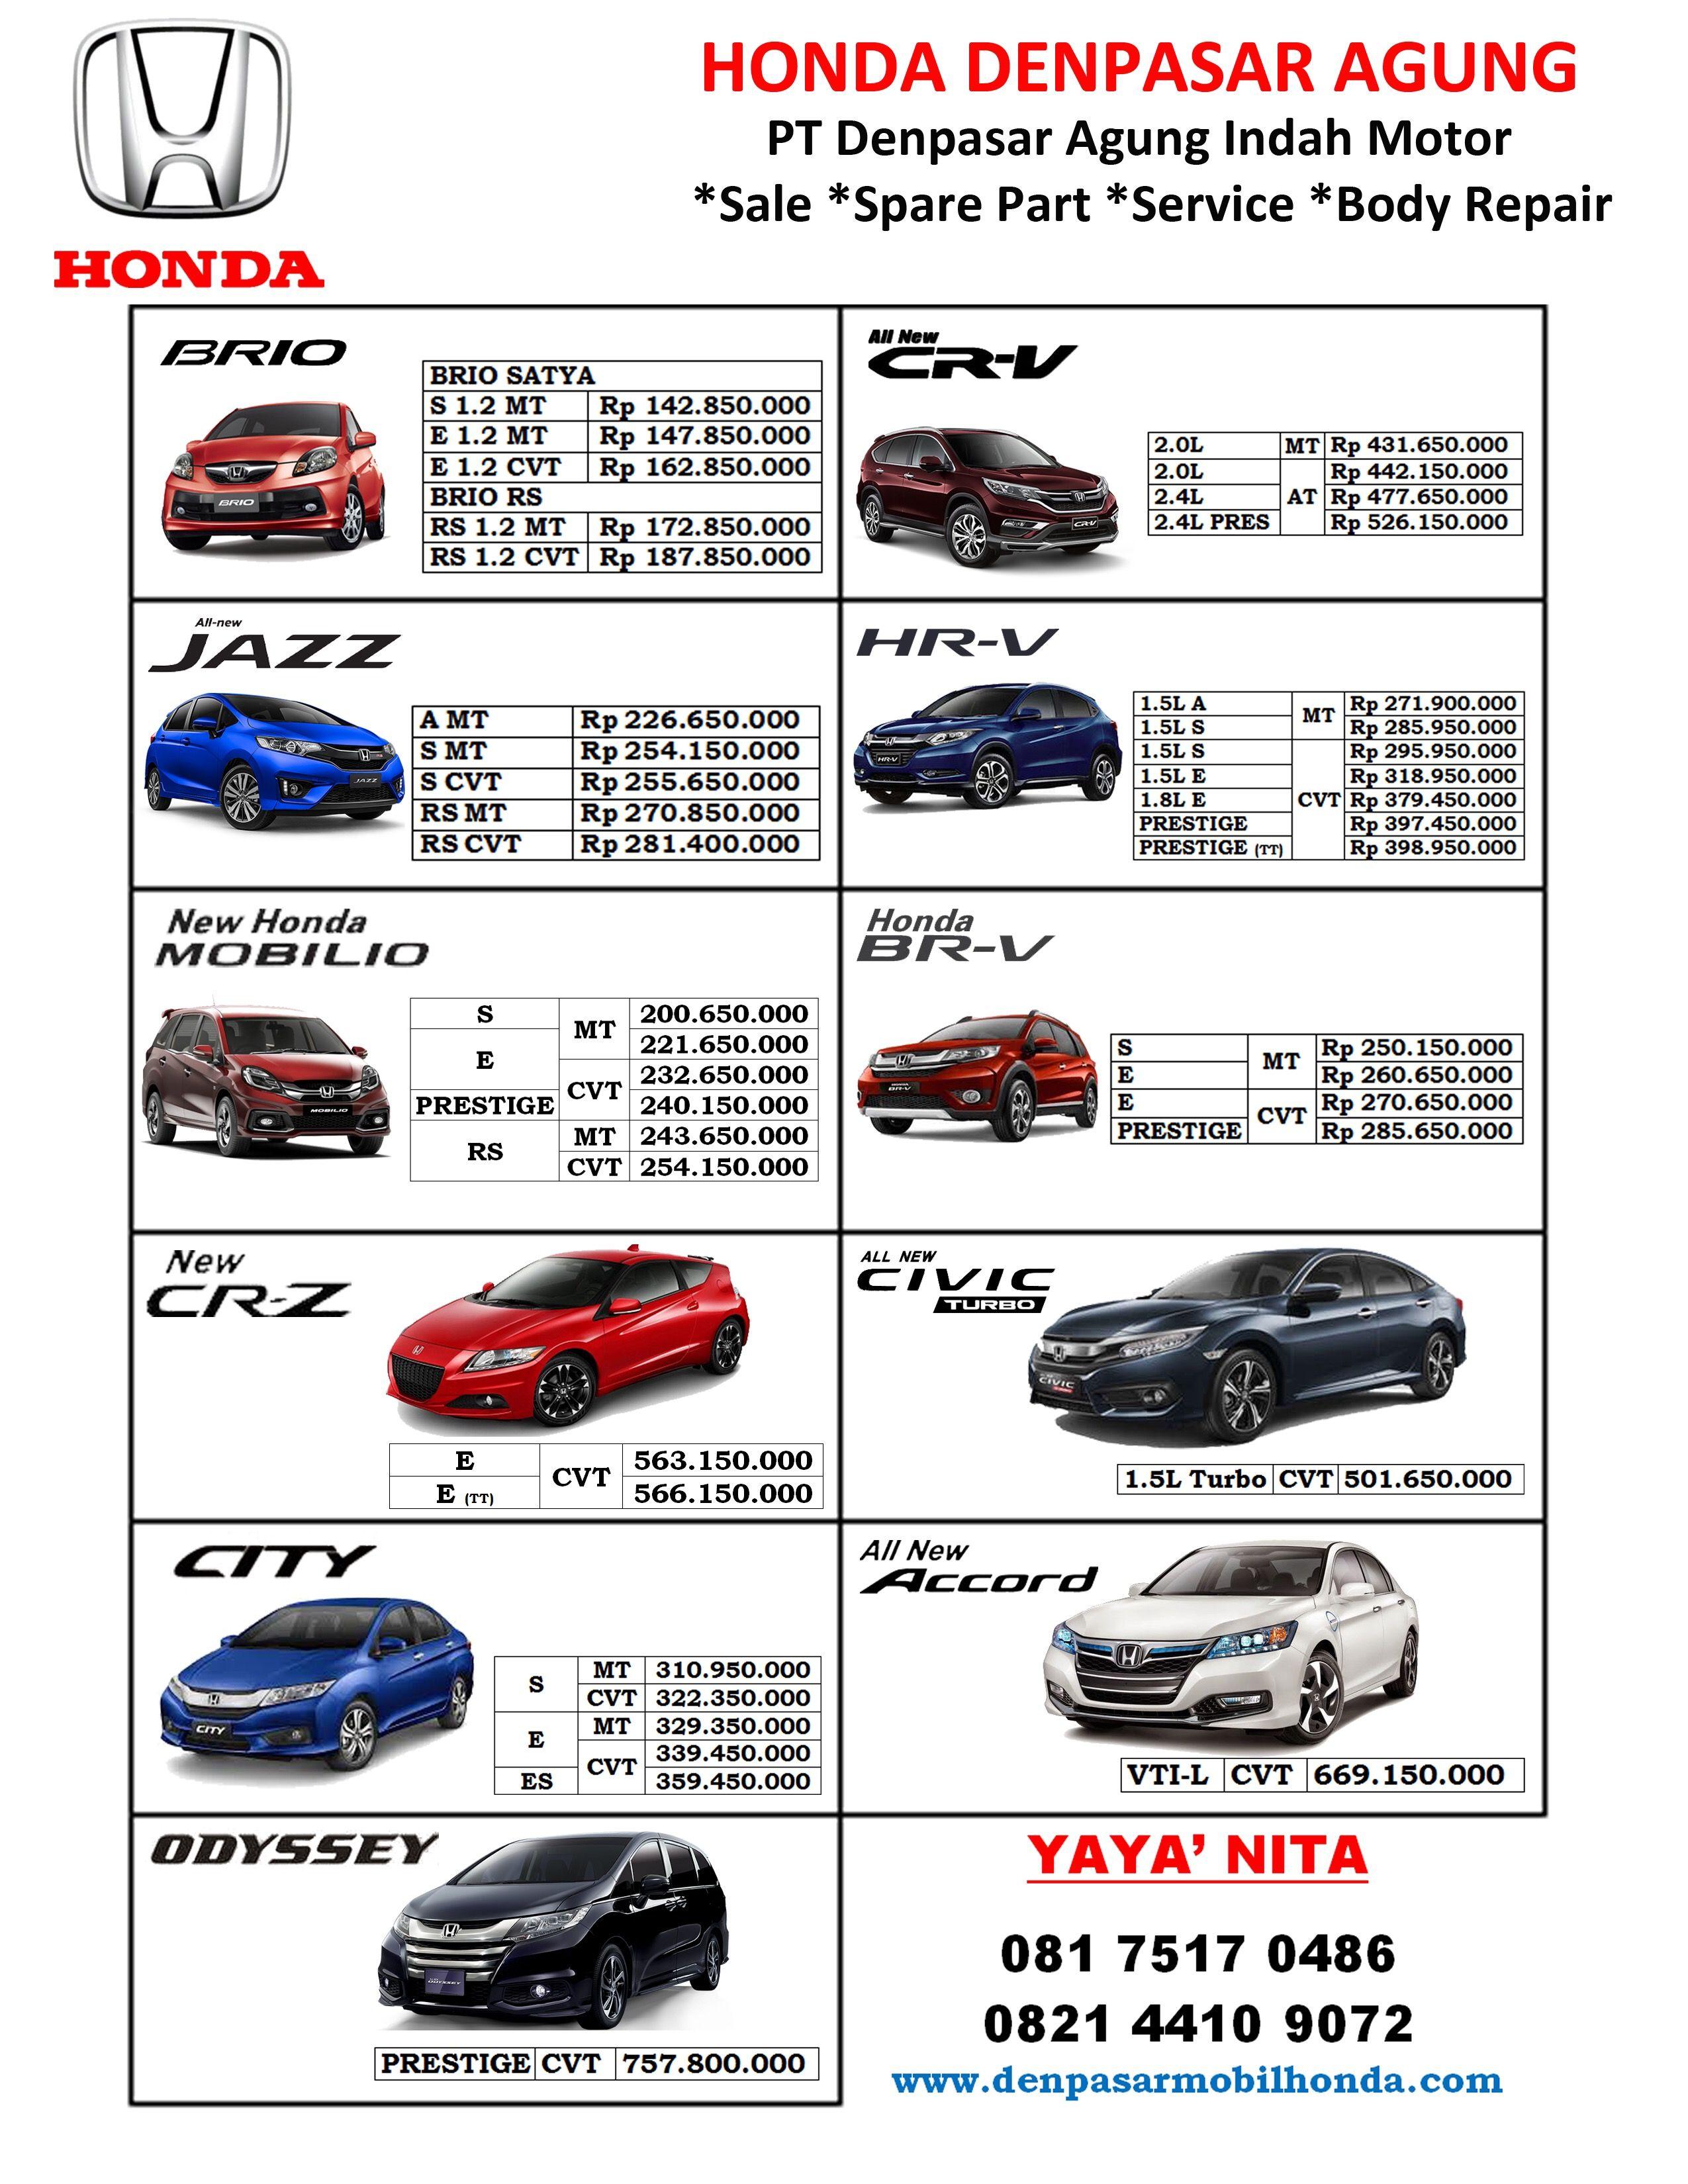 Daftar Harga Mobil Honda Desember 2016 Denpasar Bali Honda Denpasar Agung Yaya Nita 08175170486 082144109072 Www Denpasarmobilhonda Honda Brio Honda Denpasar